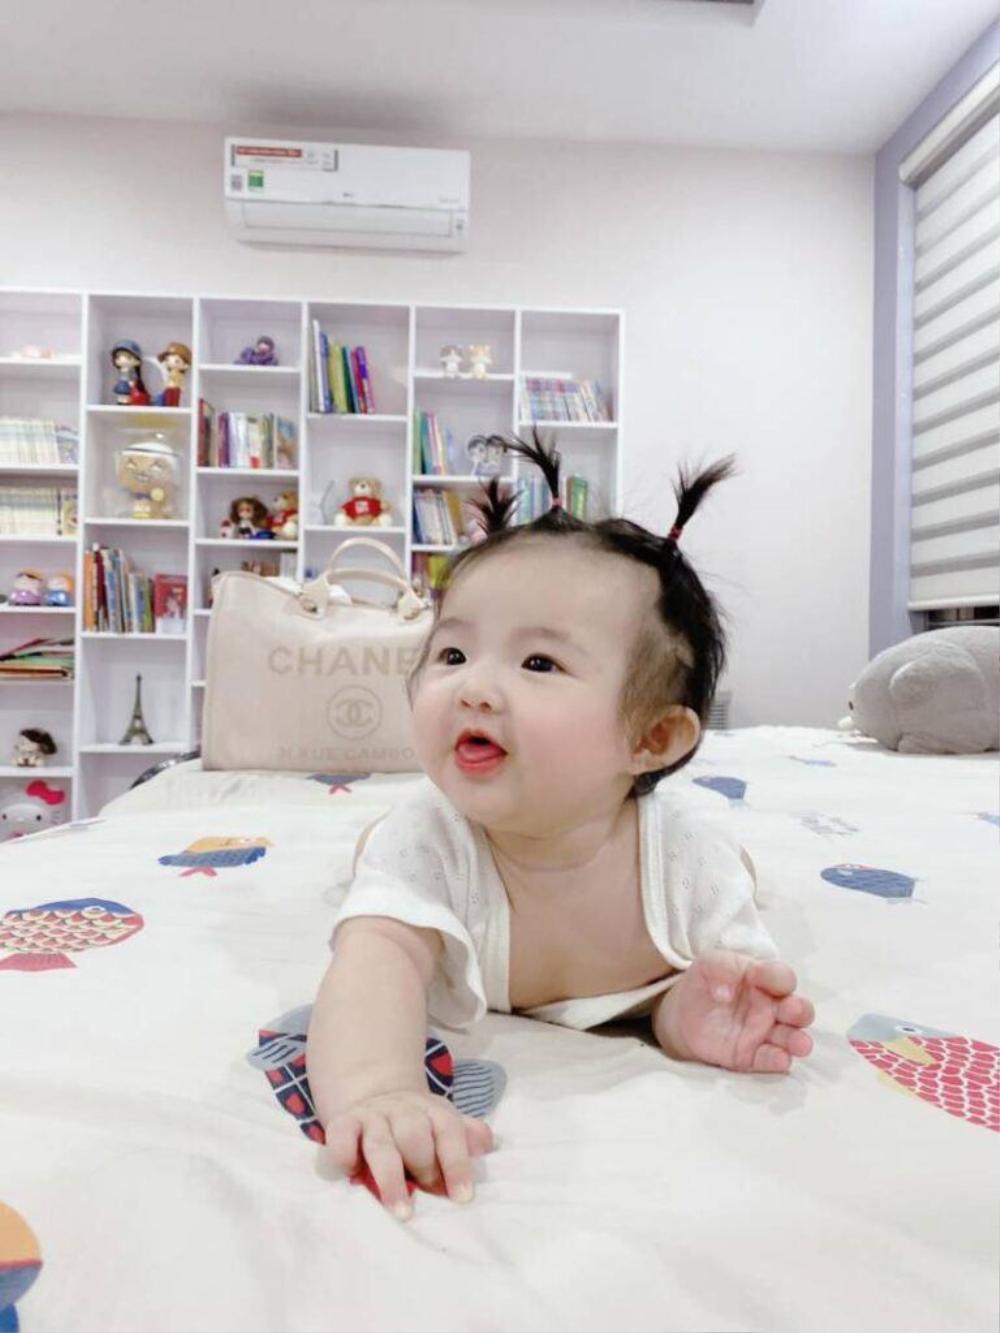 Con gái Đông Nhi càng lớn càng xinh, lấy hết gen đẹp tự nhiên từ bố mẹ Ảnh 3